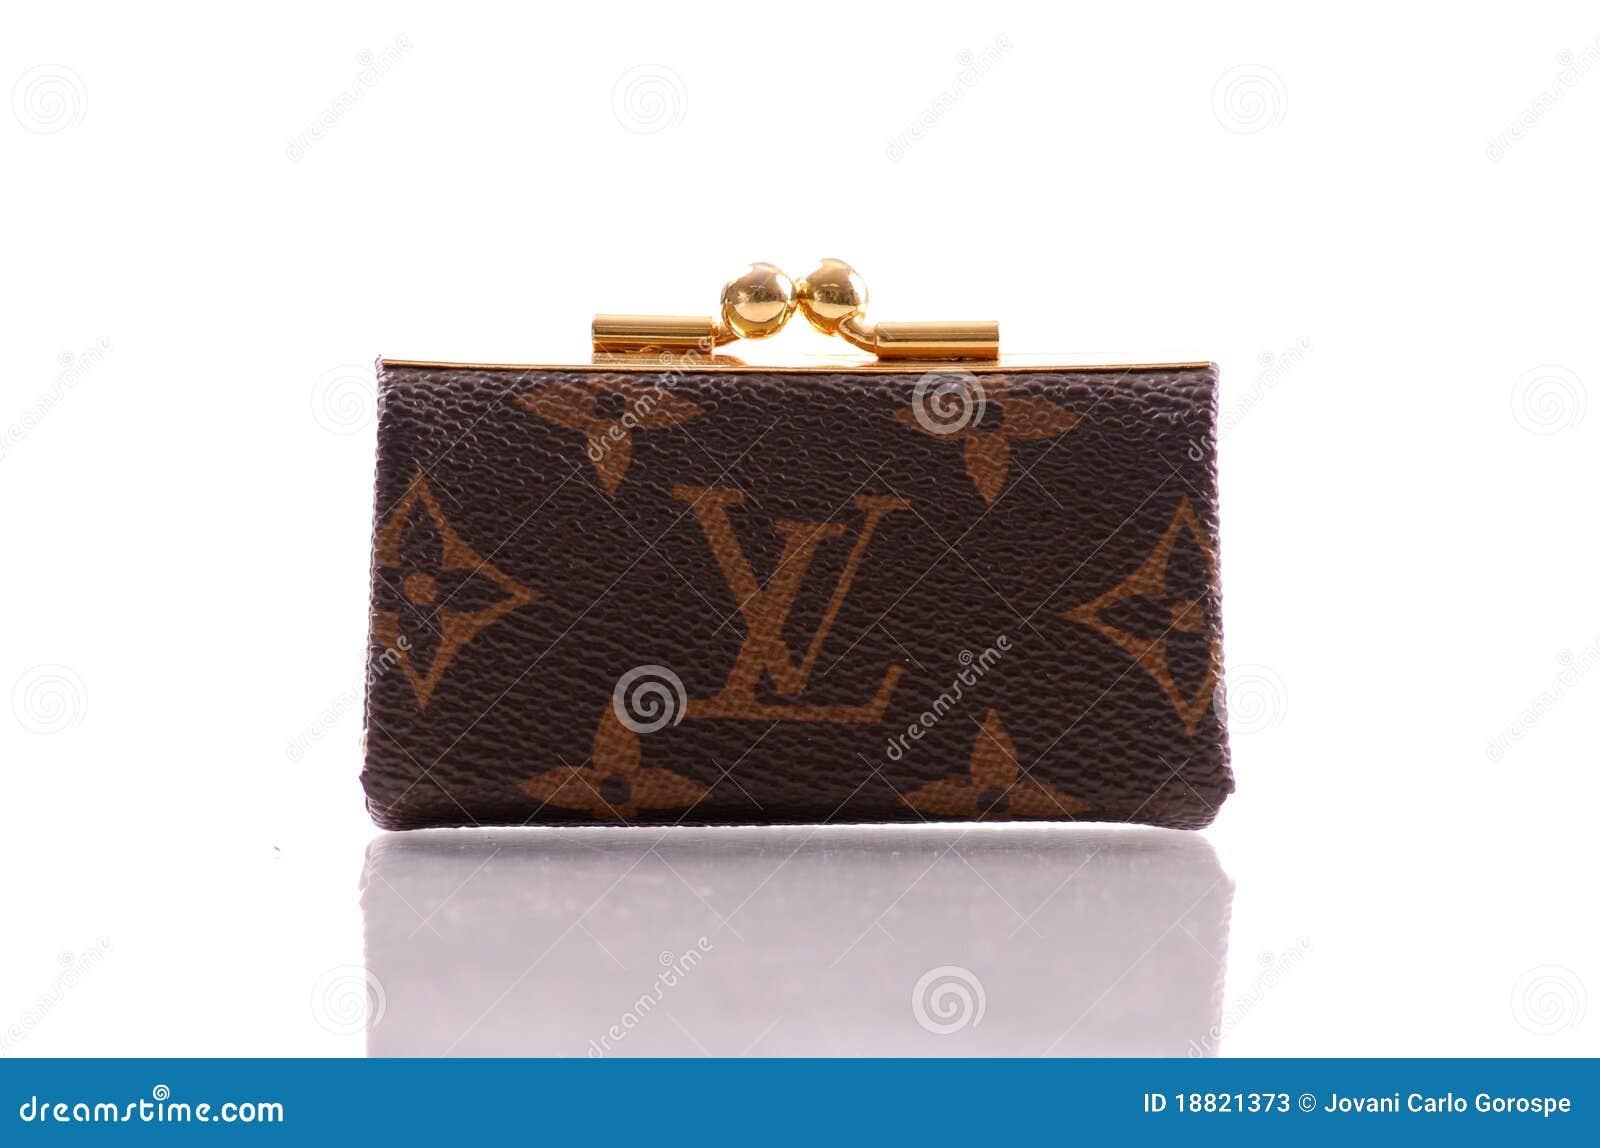 Louis Vuitton Coin Purse Editorial Stock Photo Image Of